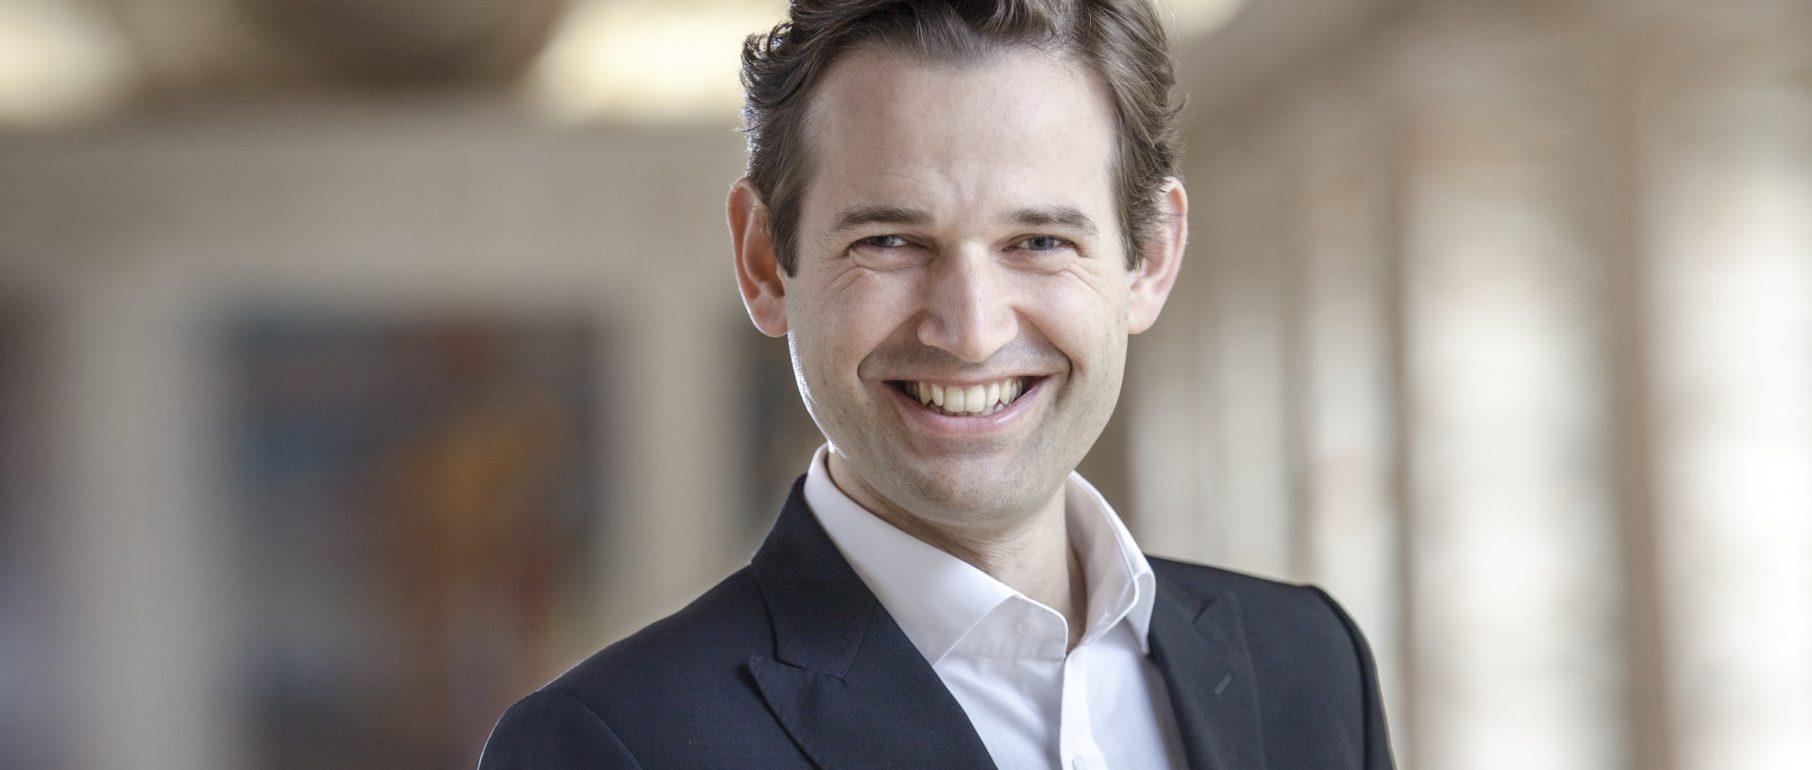 Markus Korselt